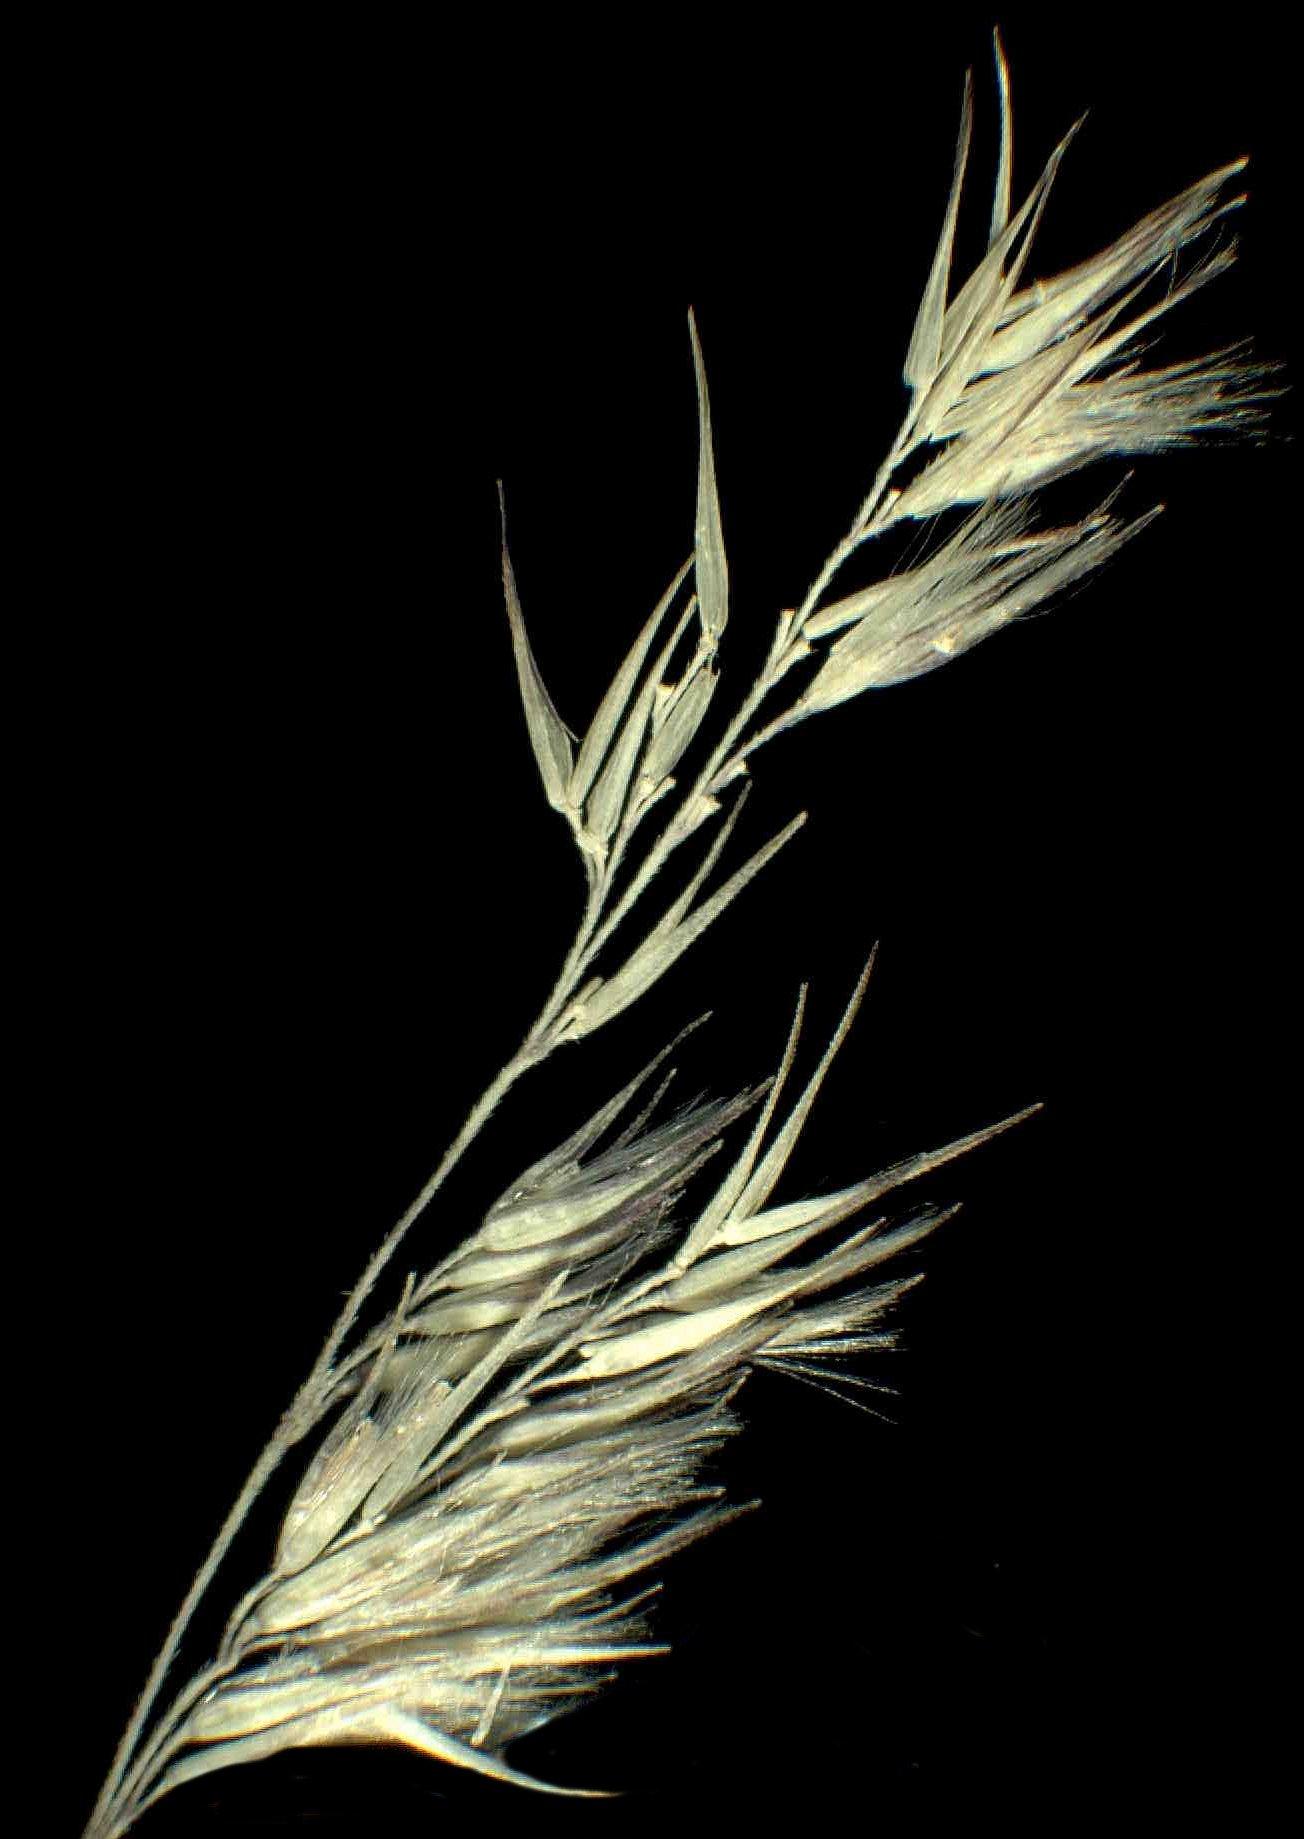 © Dipartimento di Scienze della Vita, Università degli Studi di Trieste<br>by Andrea Moro<br>Carso triestino, Comune di Sgonico, località Bristie. , TS, FVG, Italia, 28/1/05 0.00.00<br>Distributed under CC-BY-SA 4.0 license.